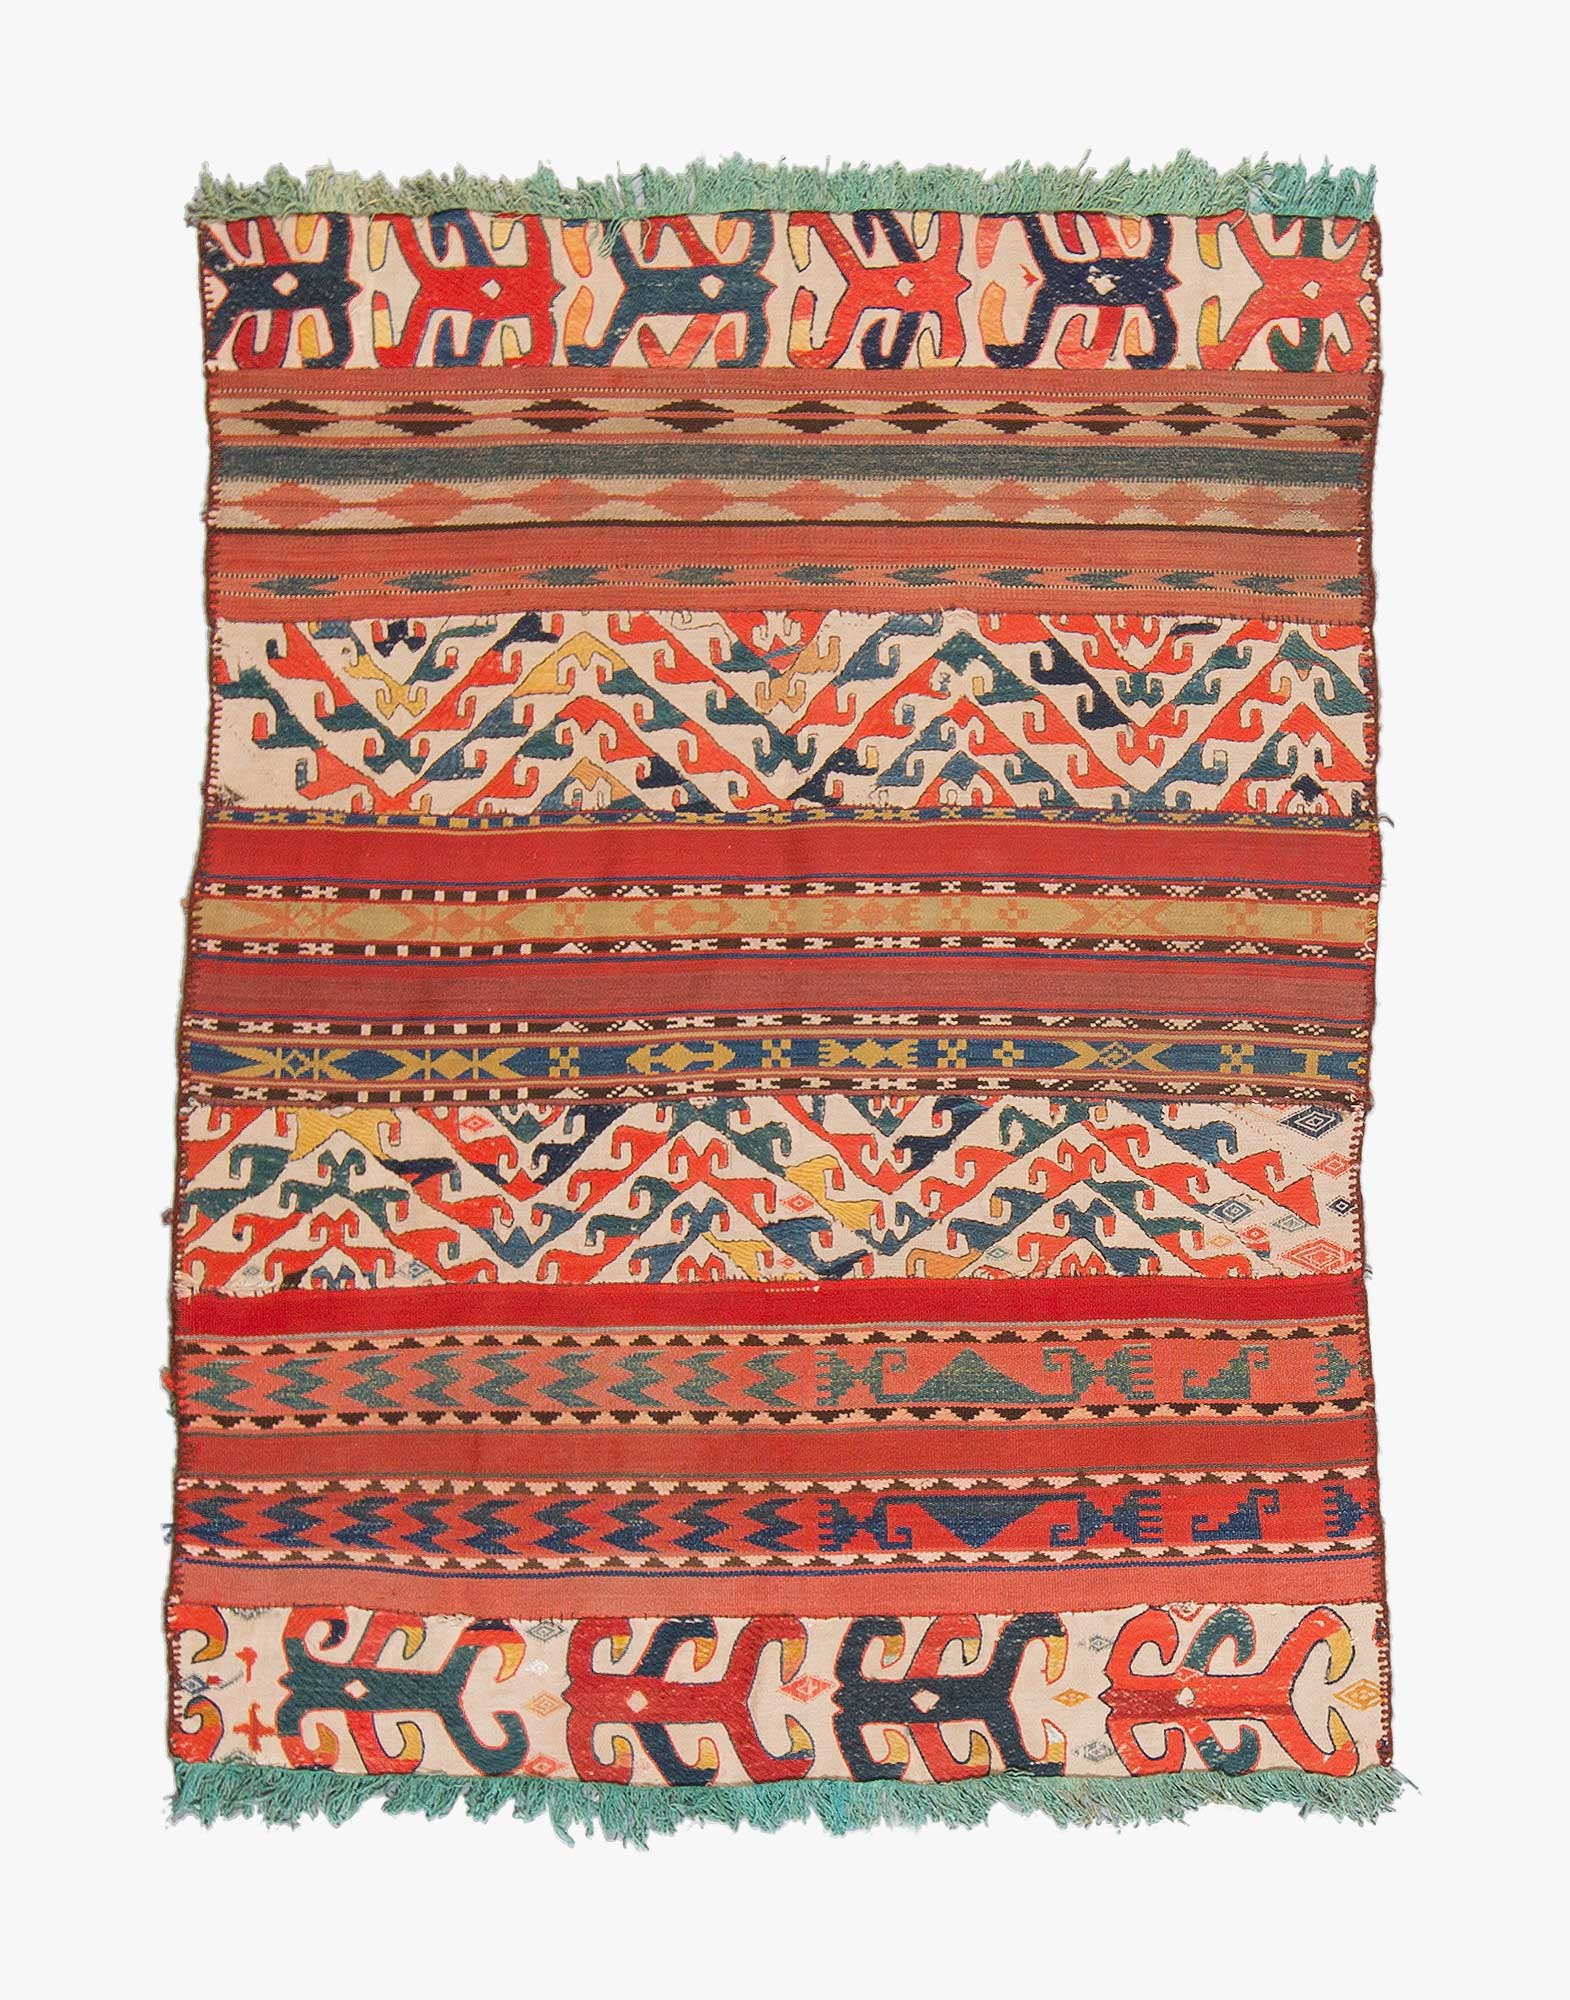 Uzbek Ghudjeri Kilim